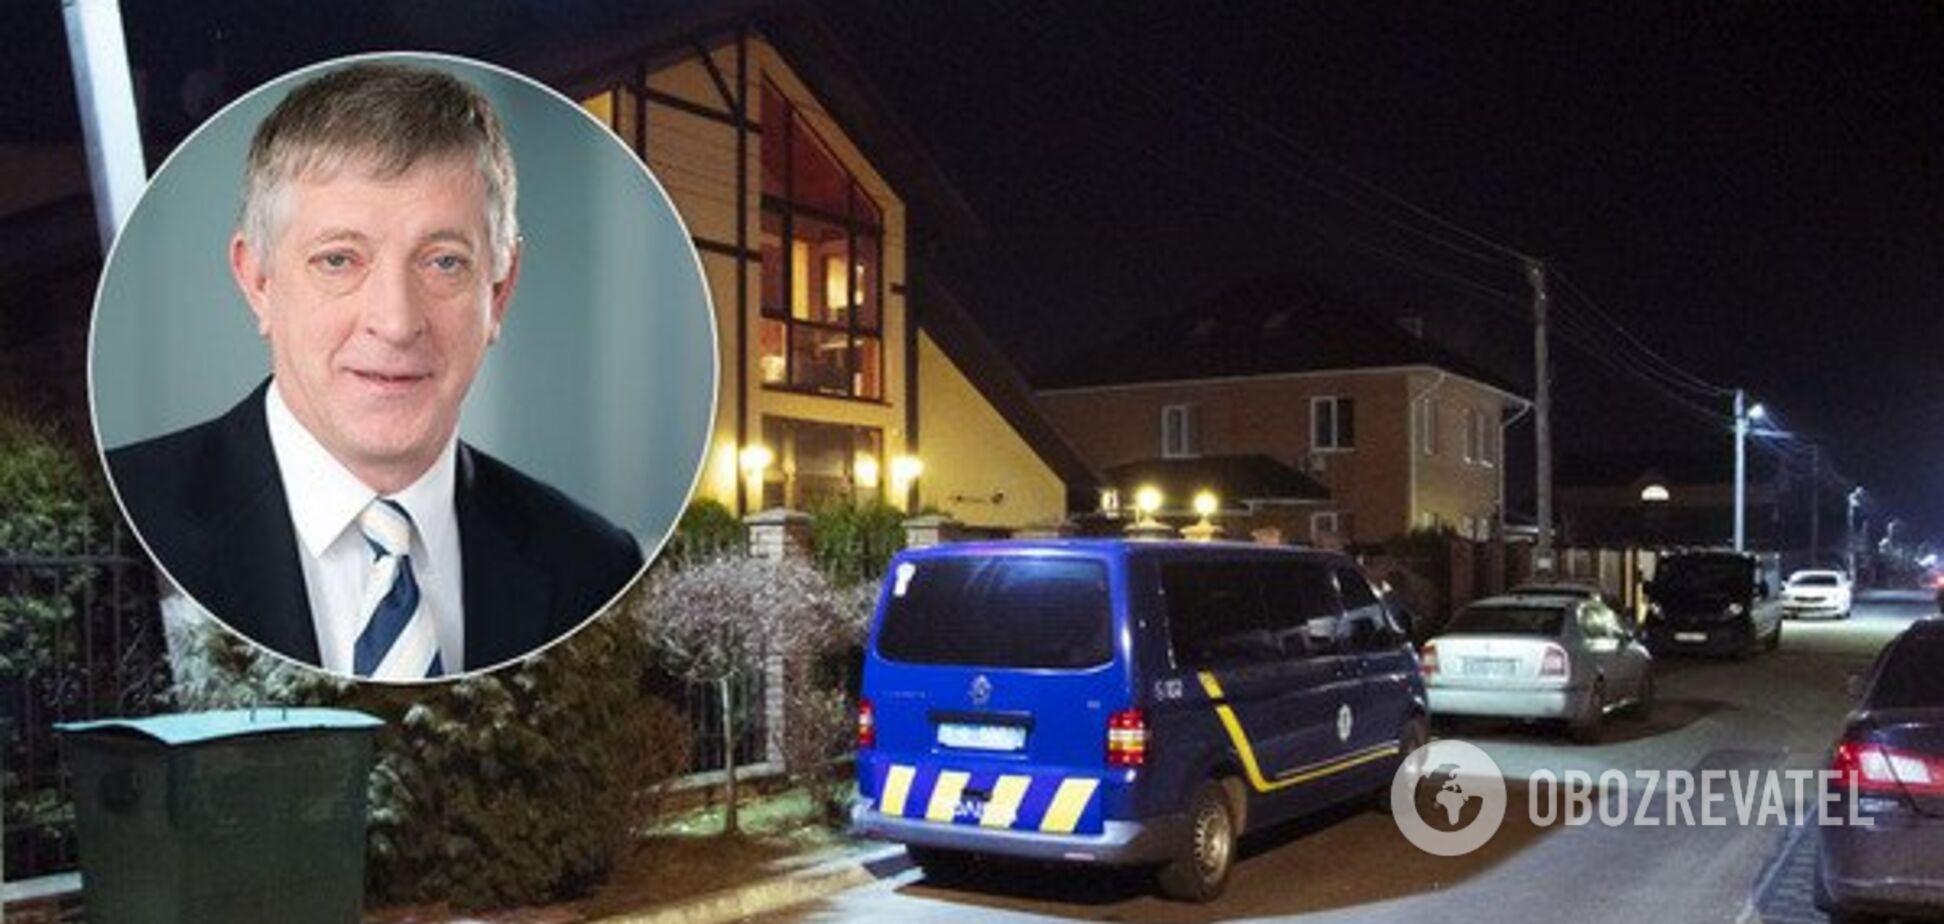 Убийство в доме экс-министра Кожары: соратница Януковича попыталась 'замять' преступление